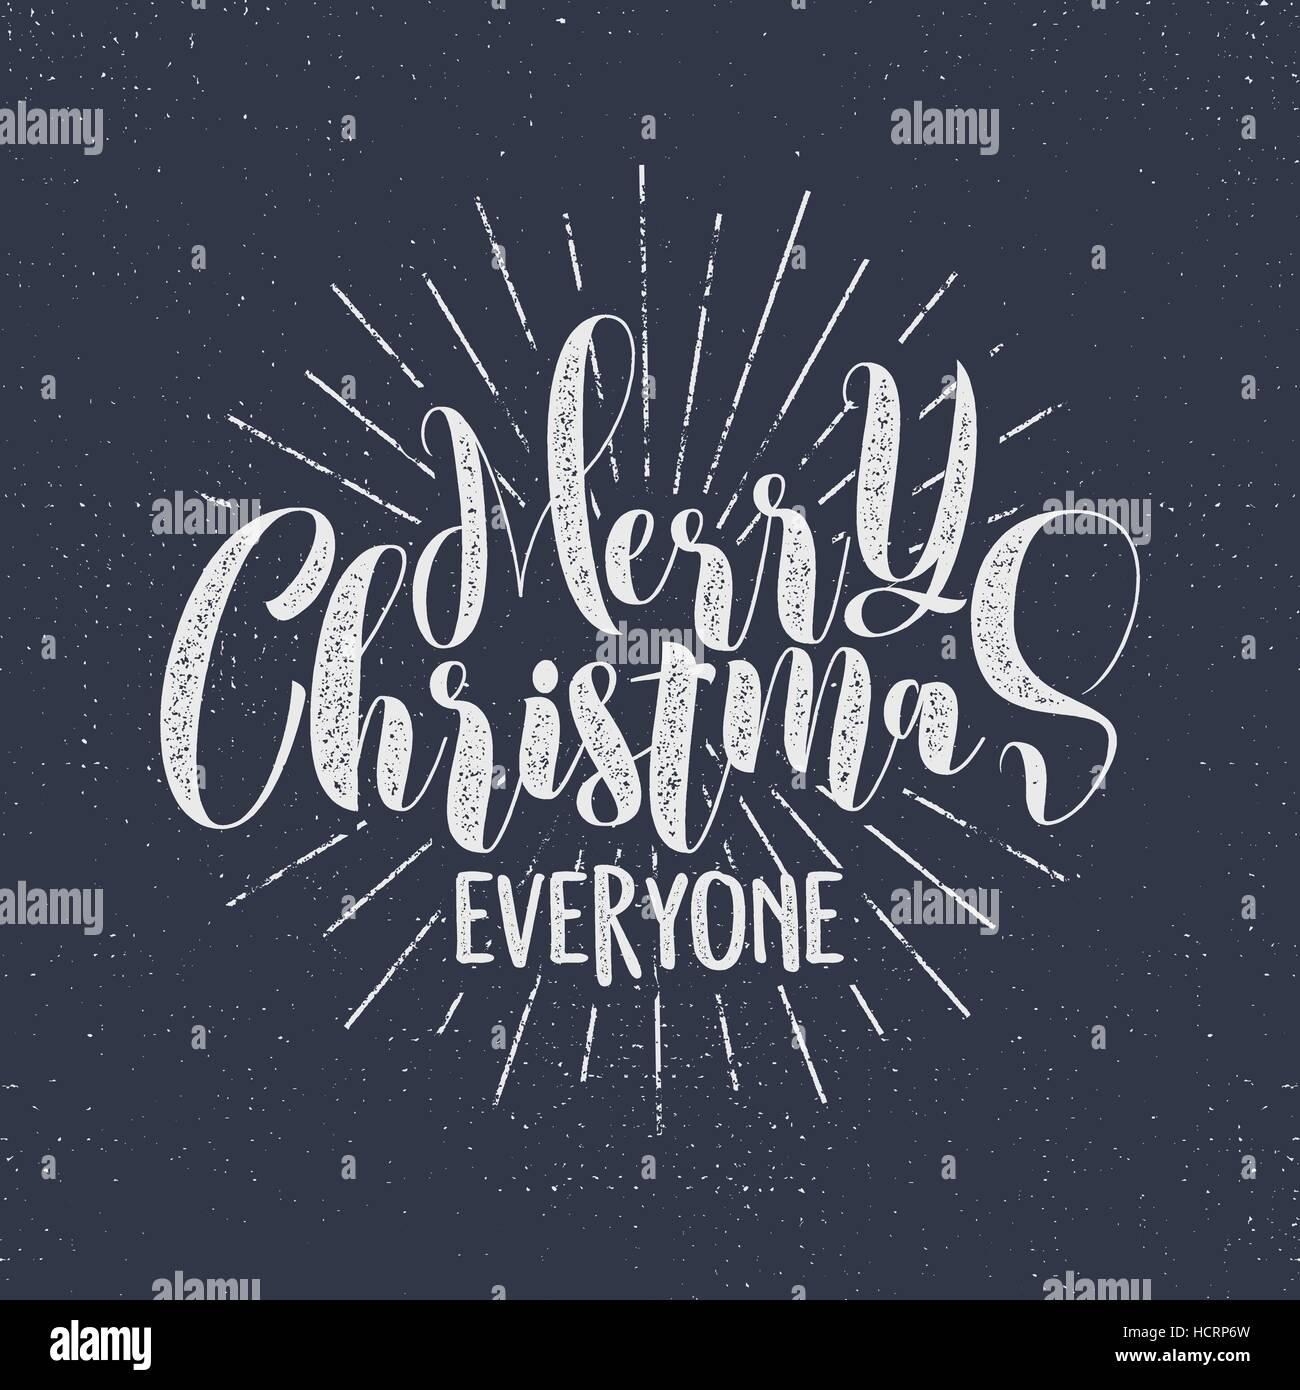 Bilder Sprüche Weihnachten.Frohe Weihnachten Jeder Schriftzug Urlaub Wishe Sprüche Und